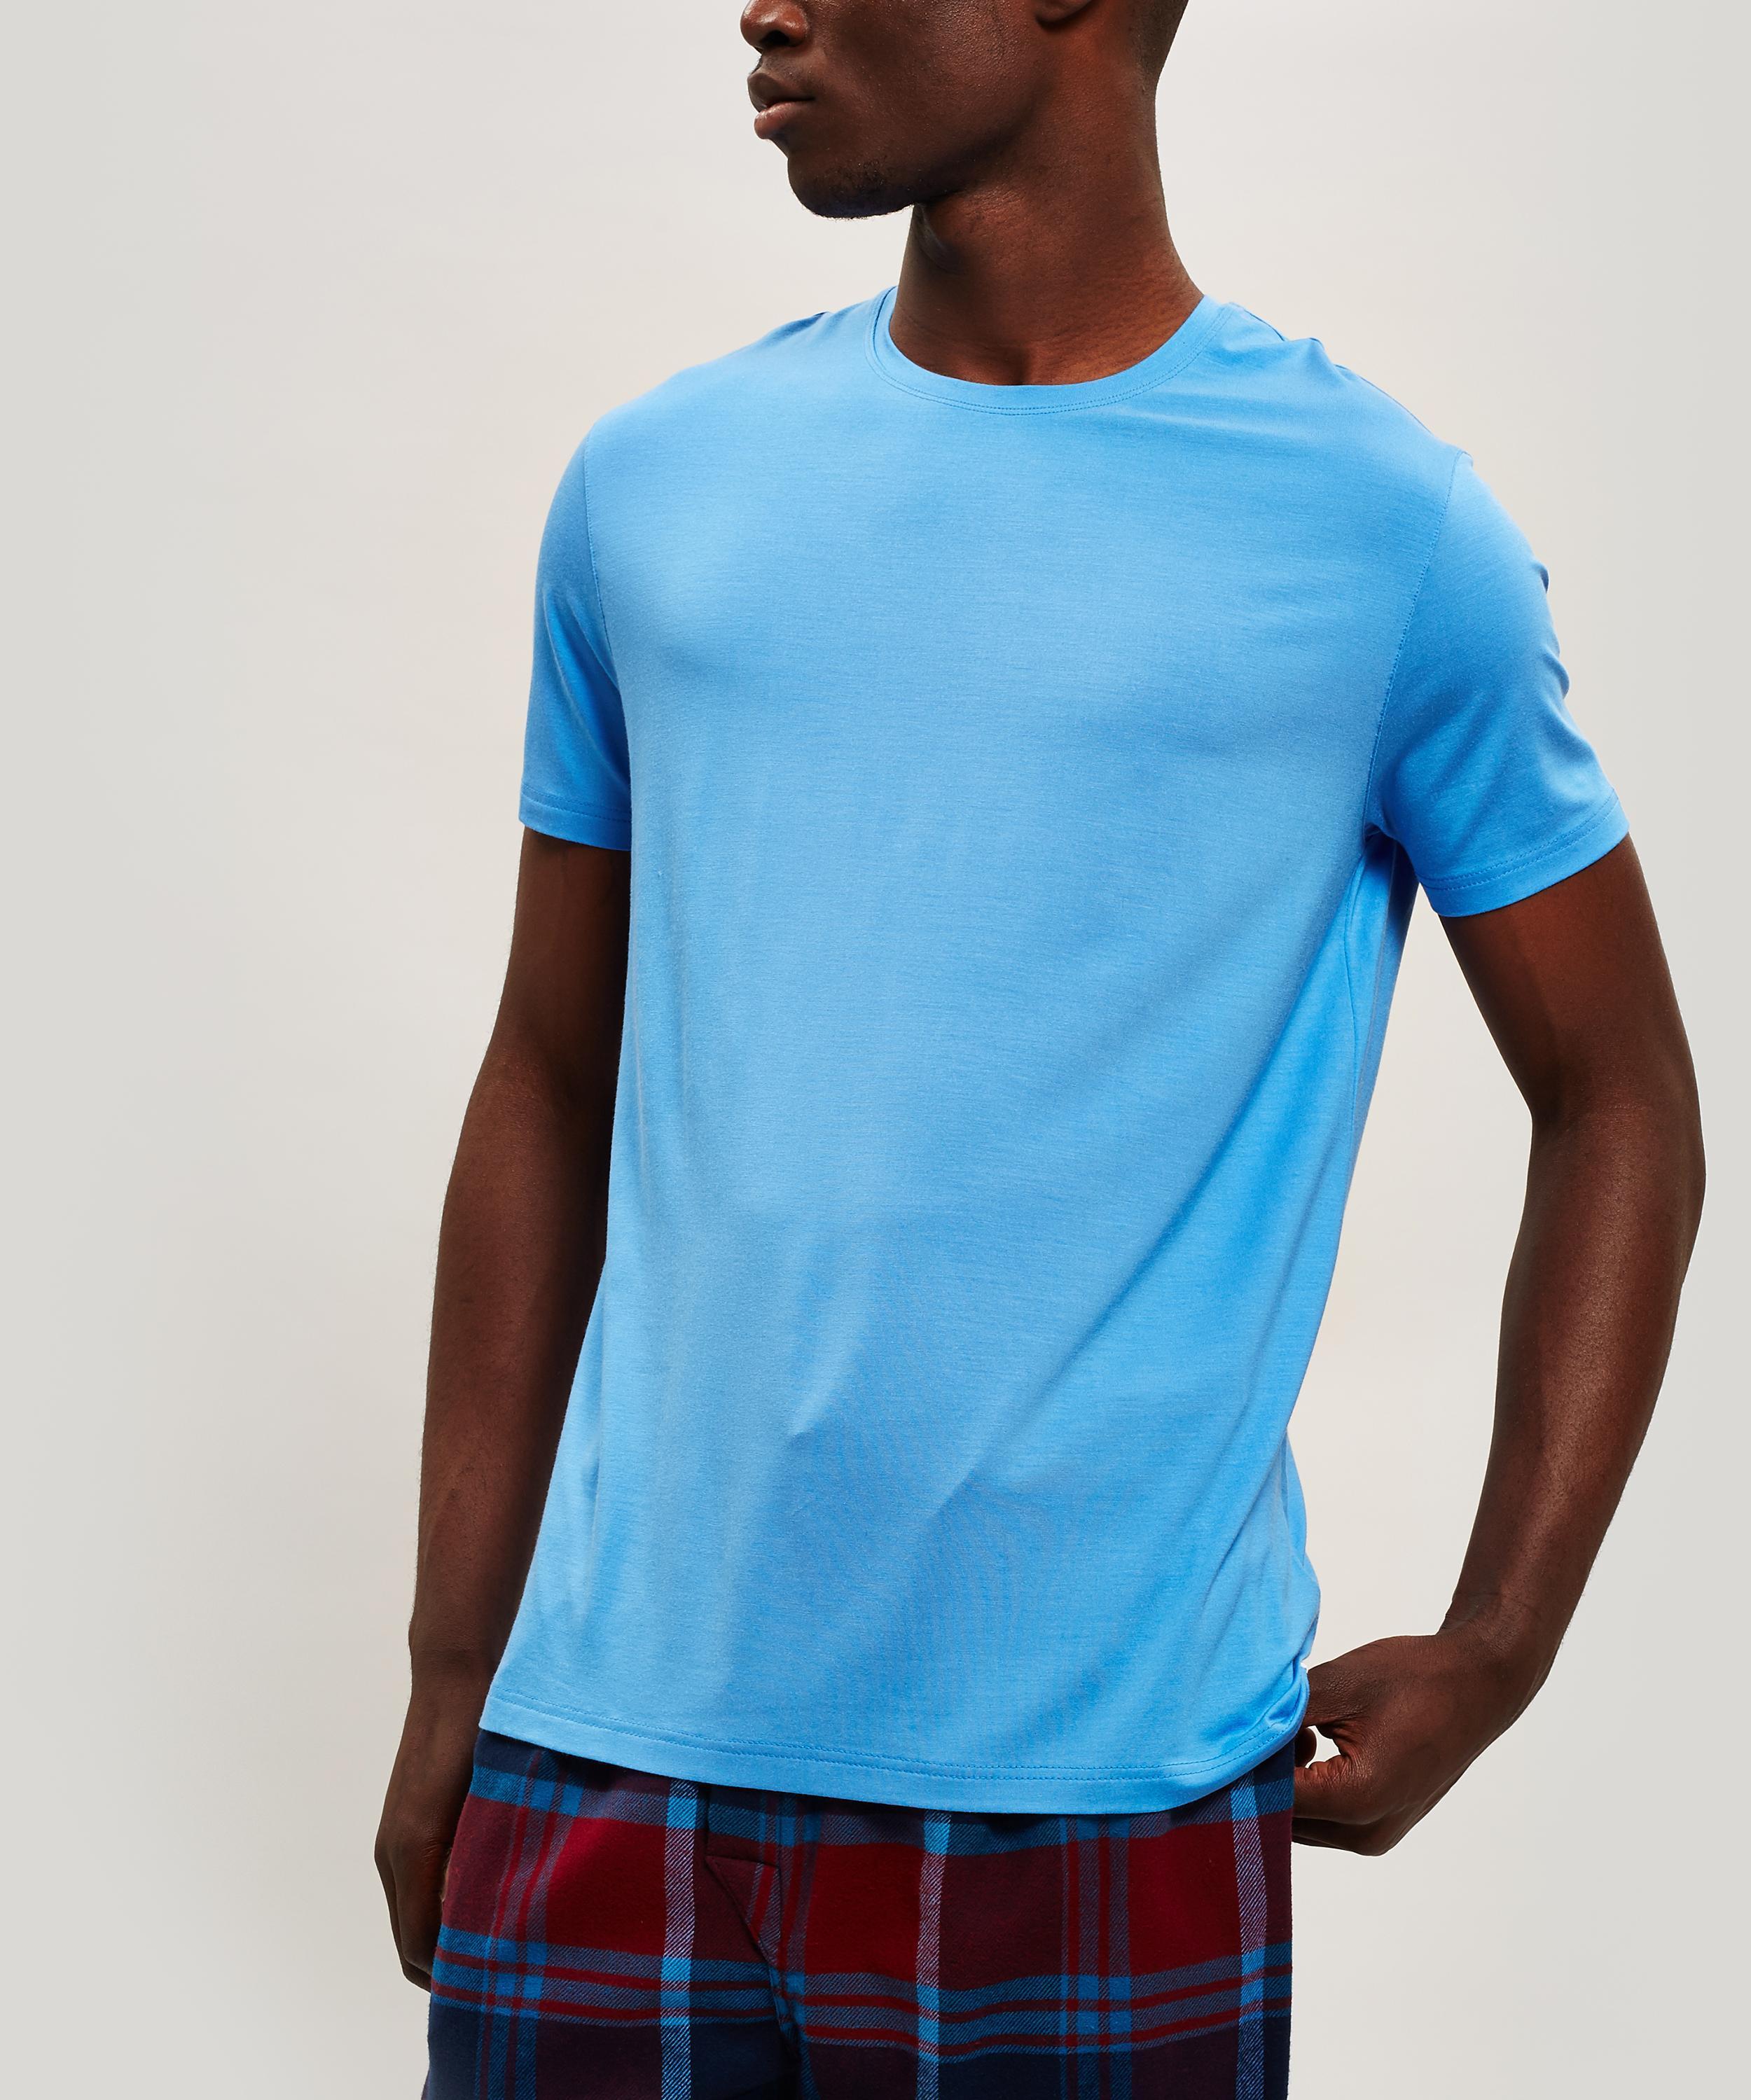 fba802e4129b Derek Rose Basel 4 Micro Modal T-shirt in Blue for Men - Lyst